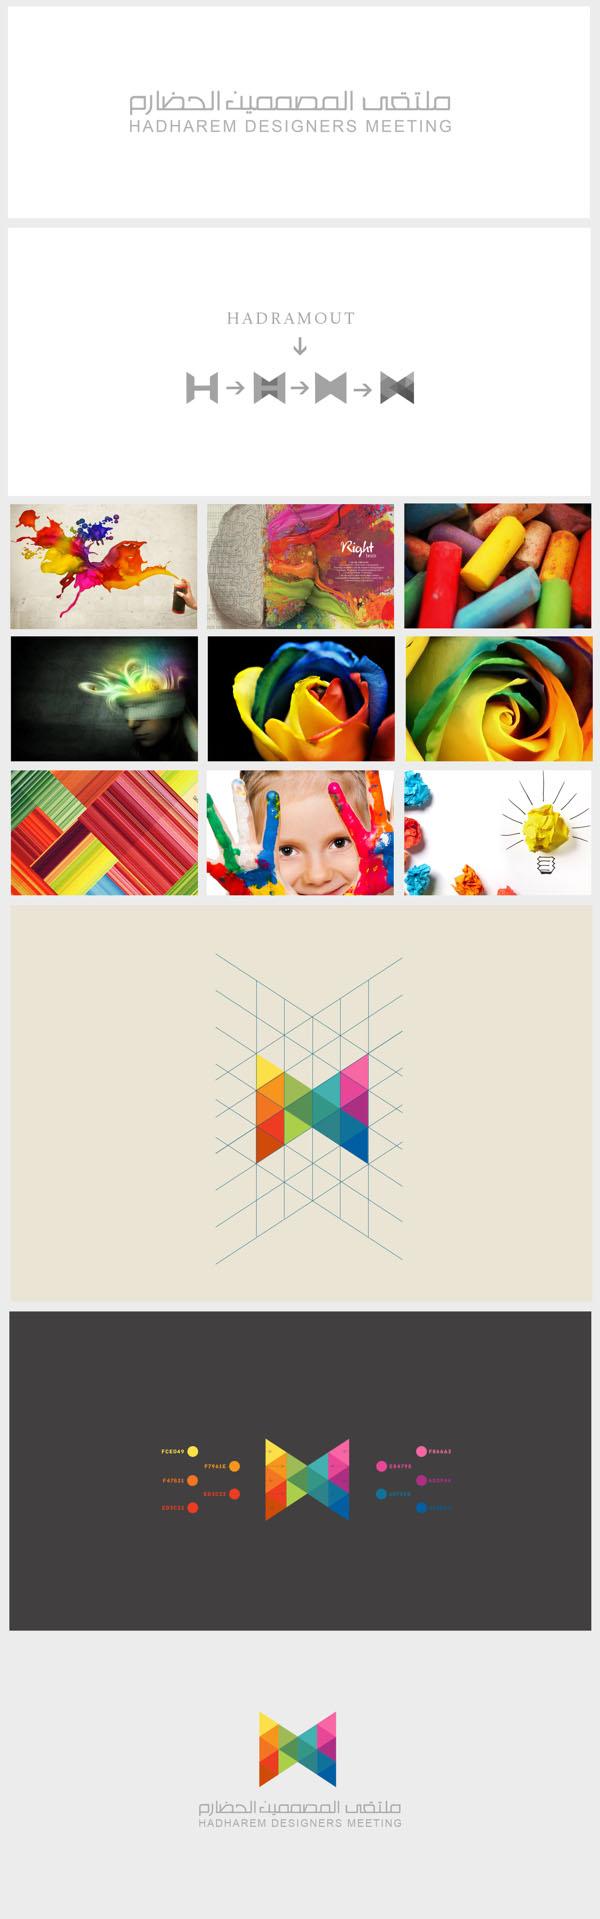 Contoh-Desain-Corporate-Identity-Design-untuk-Branding-Bisnis-Perusahaan-32